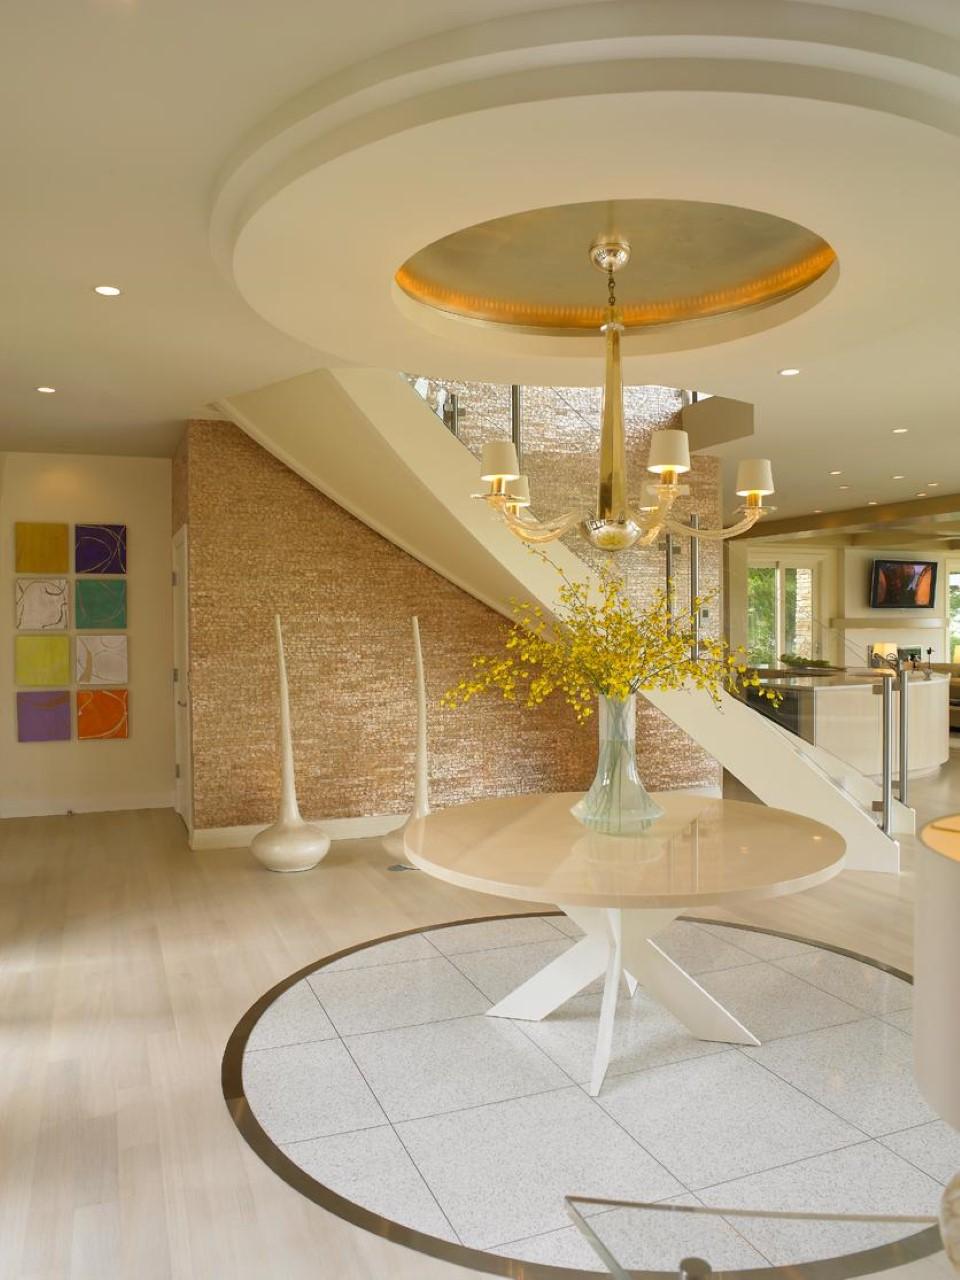 Better Homes Living Room Design Ideas